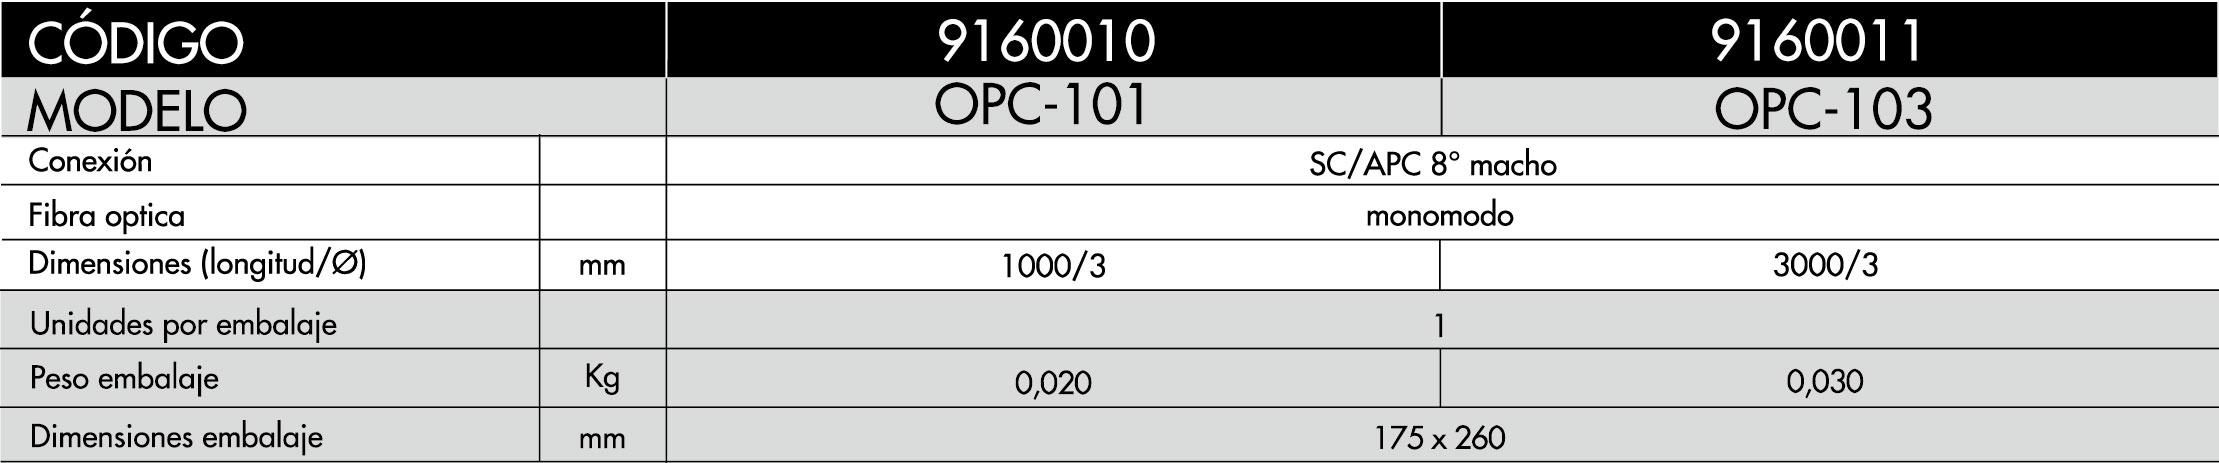 9160011-tablaES.jpg